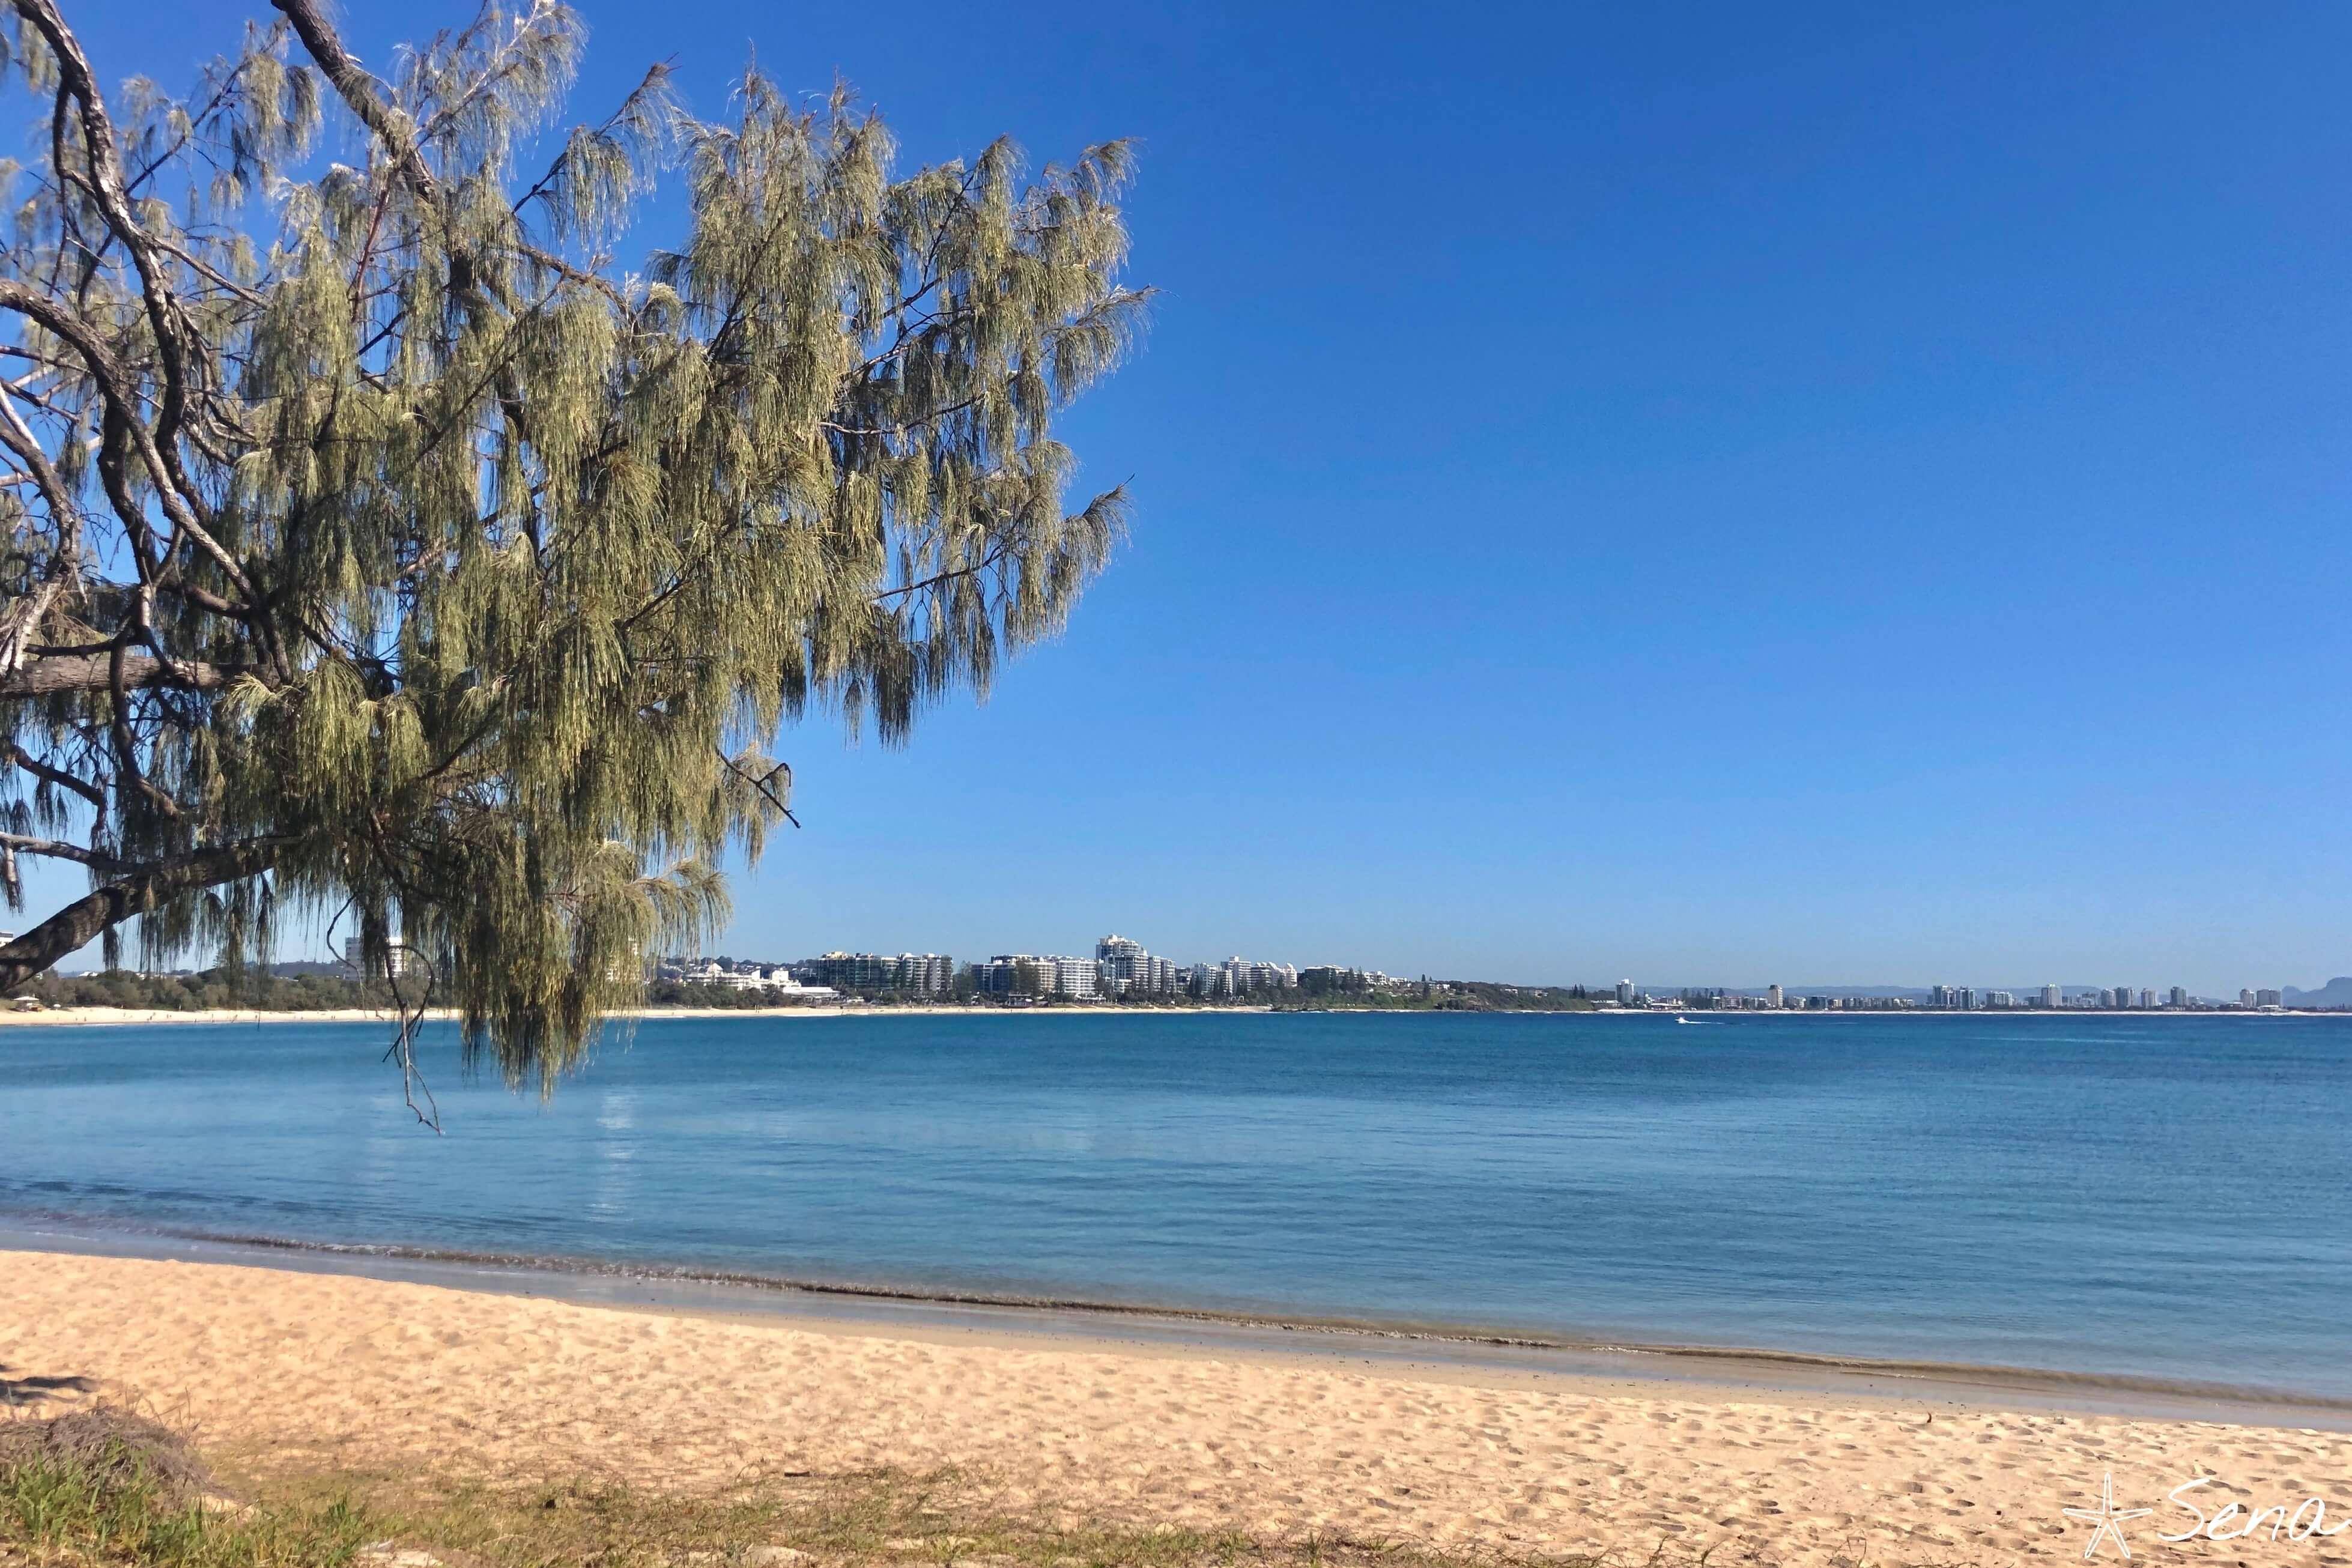 オーストラリア ムールーラバ ビーチ